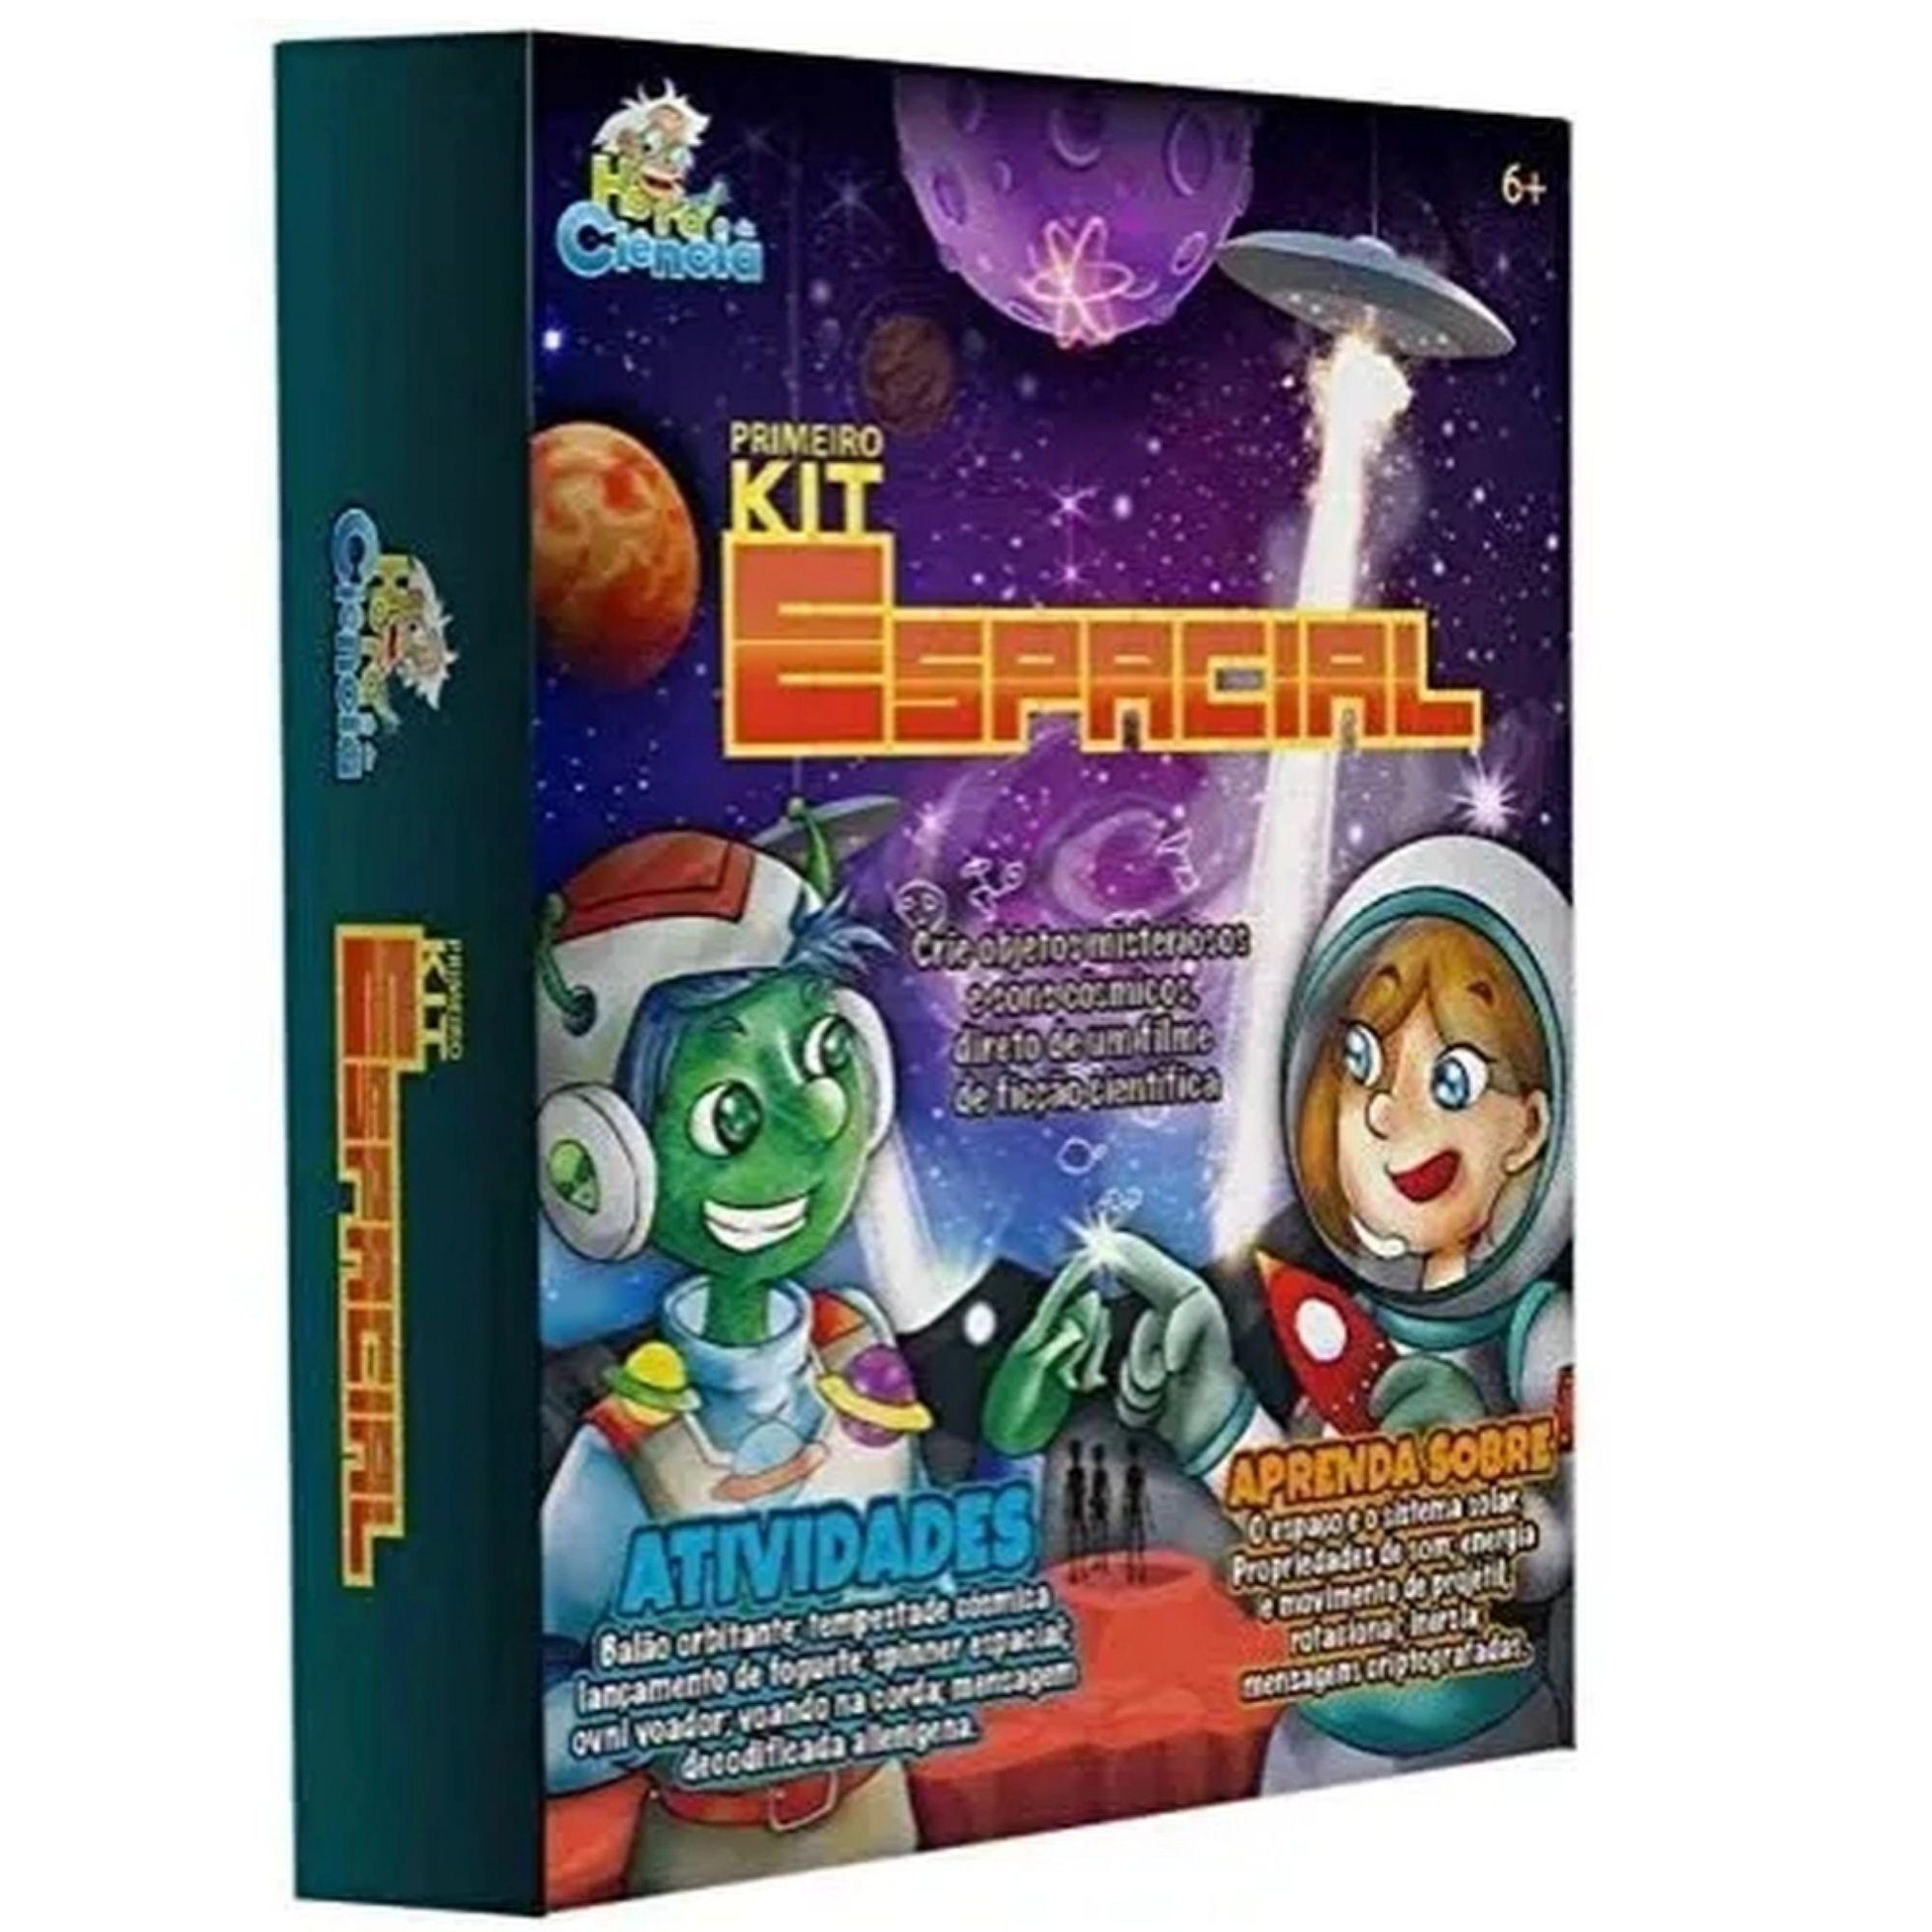 Hora Da Ciência - Kit Espacial com Experiências para Crianças